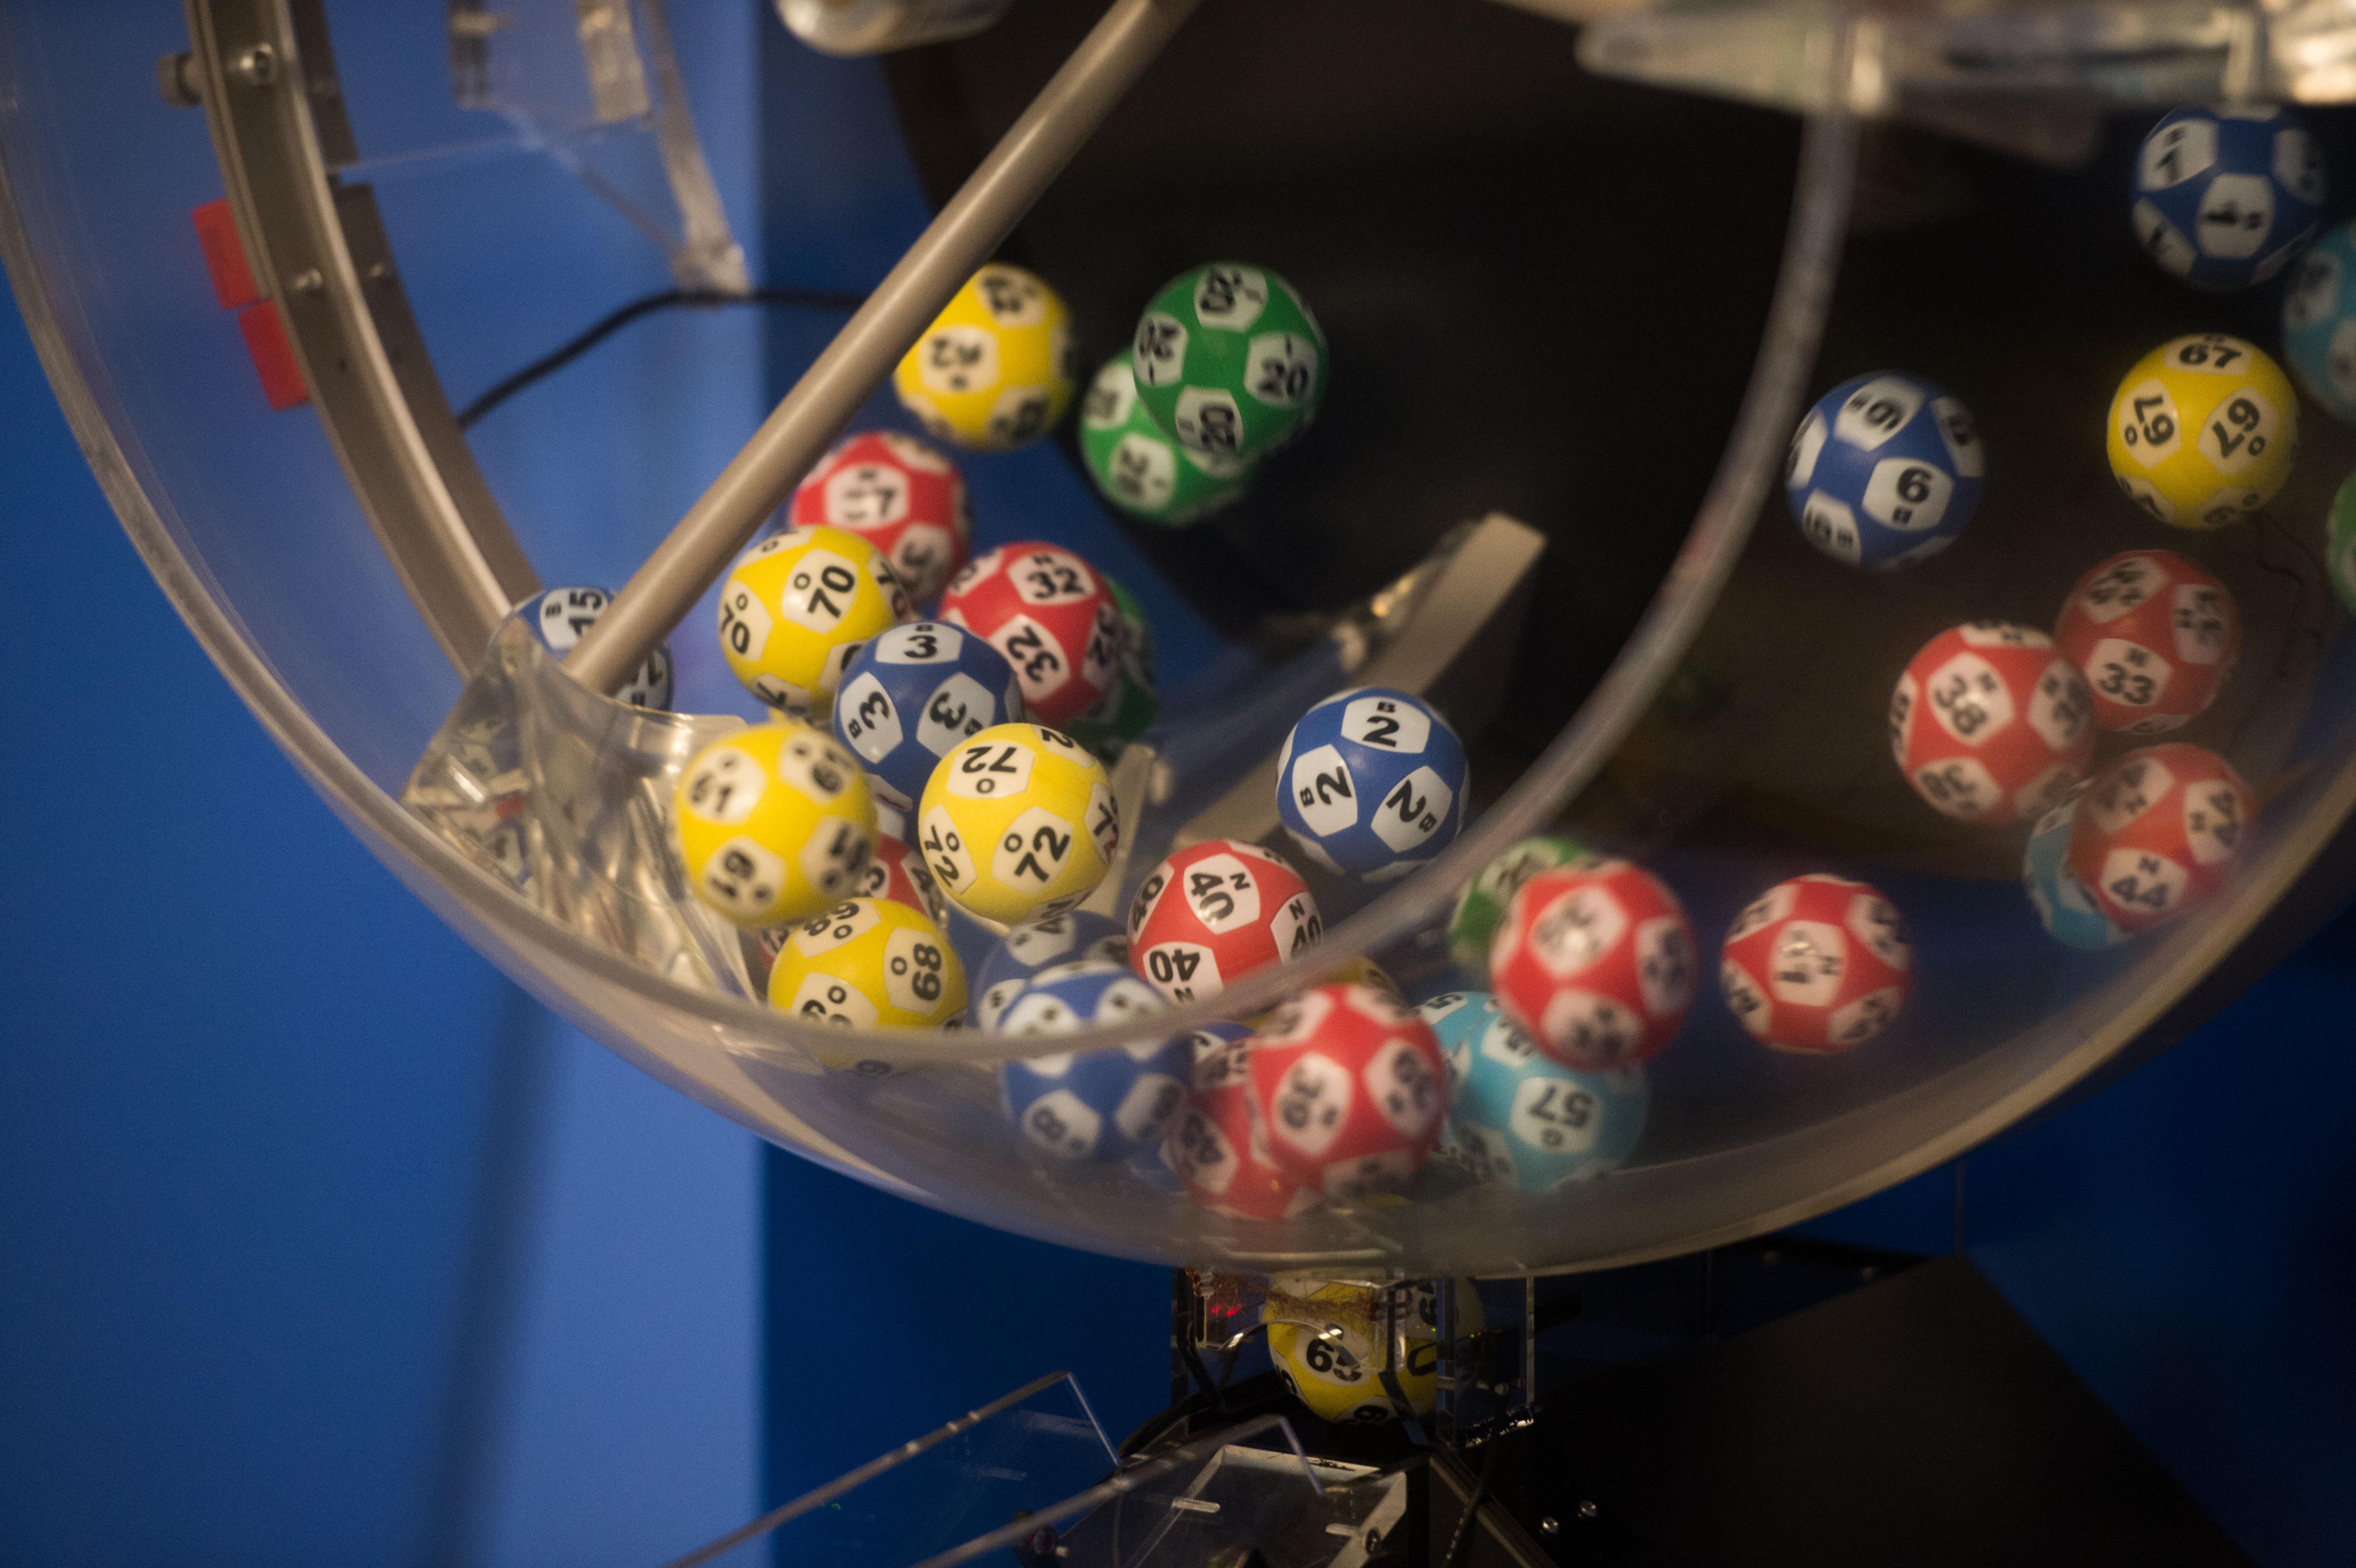 Eesti lotomängijad andsid aastaga ära 55,5 miljonit ja võitsid 21,4 miljonit eurot